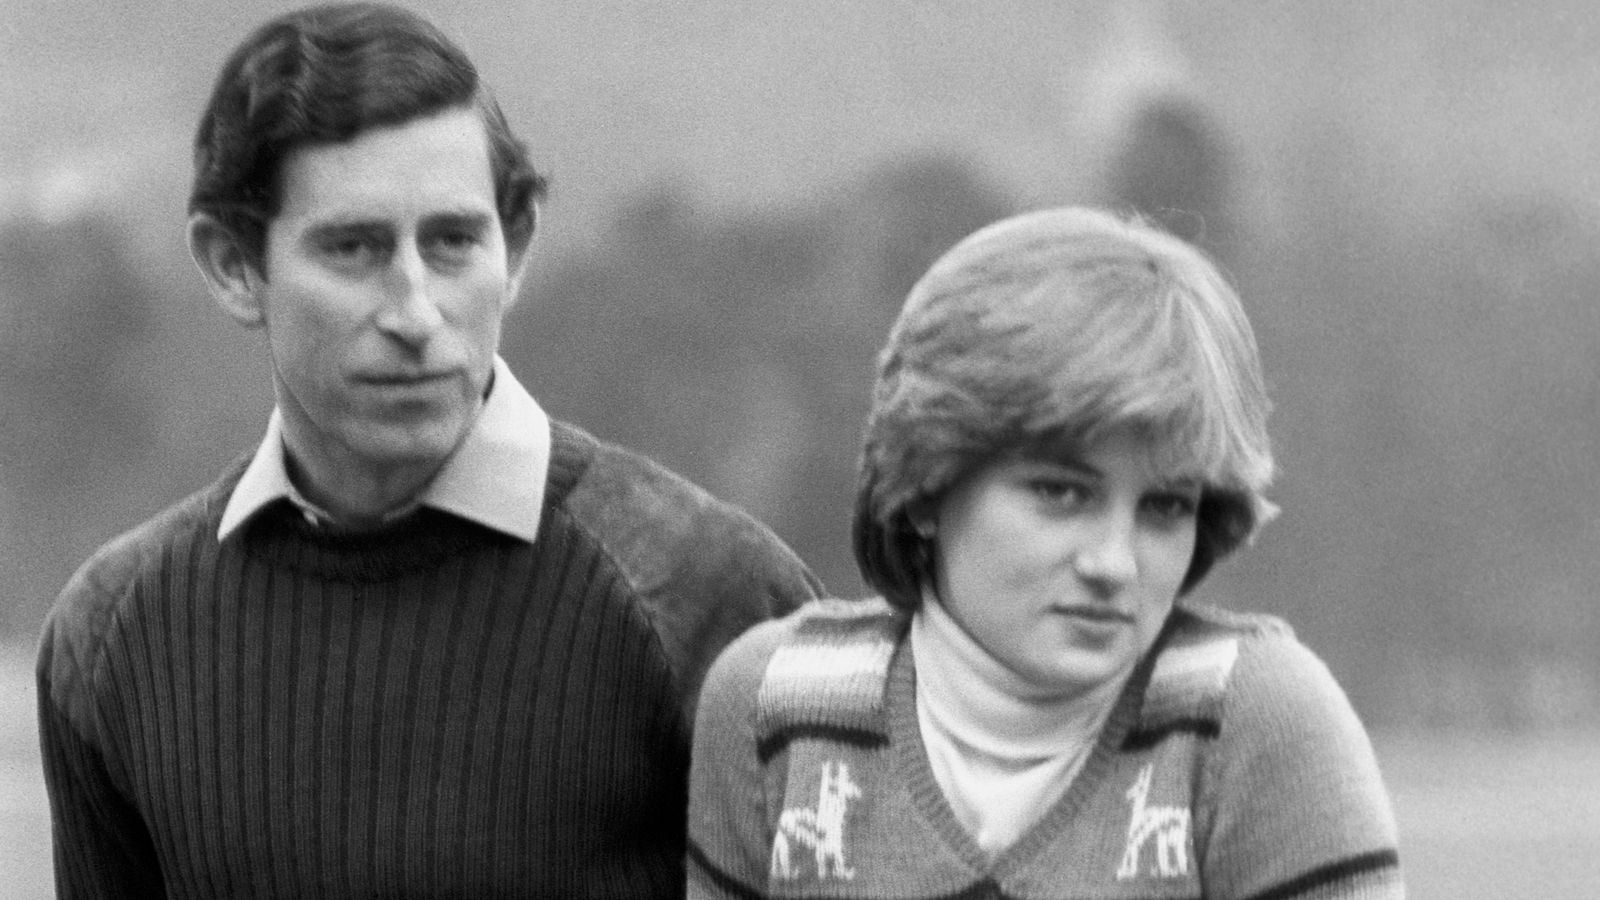 الأمير تشارلز وديانا في بالمورال عام 1981- الصورة من موقع Sky News